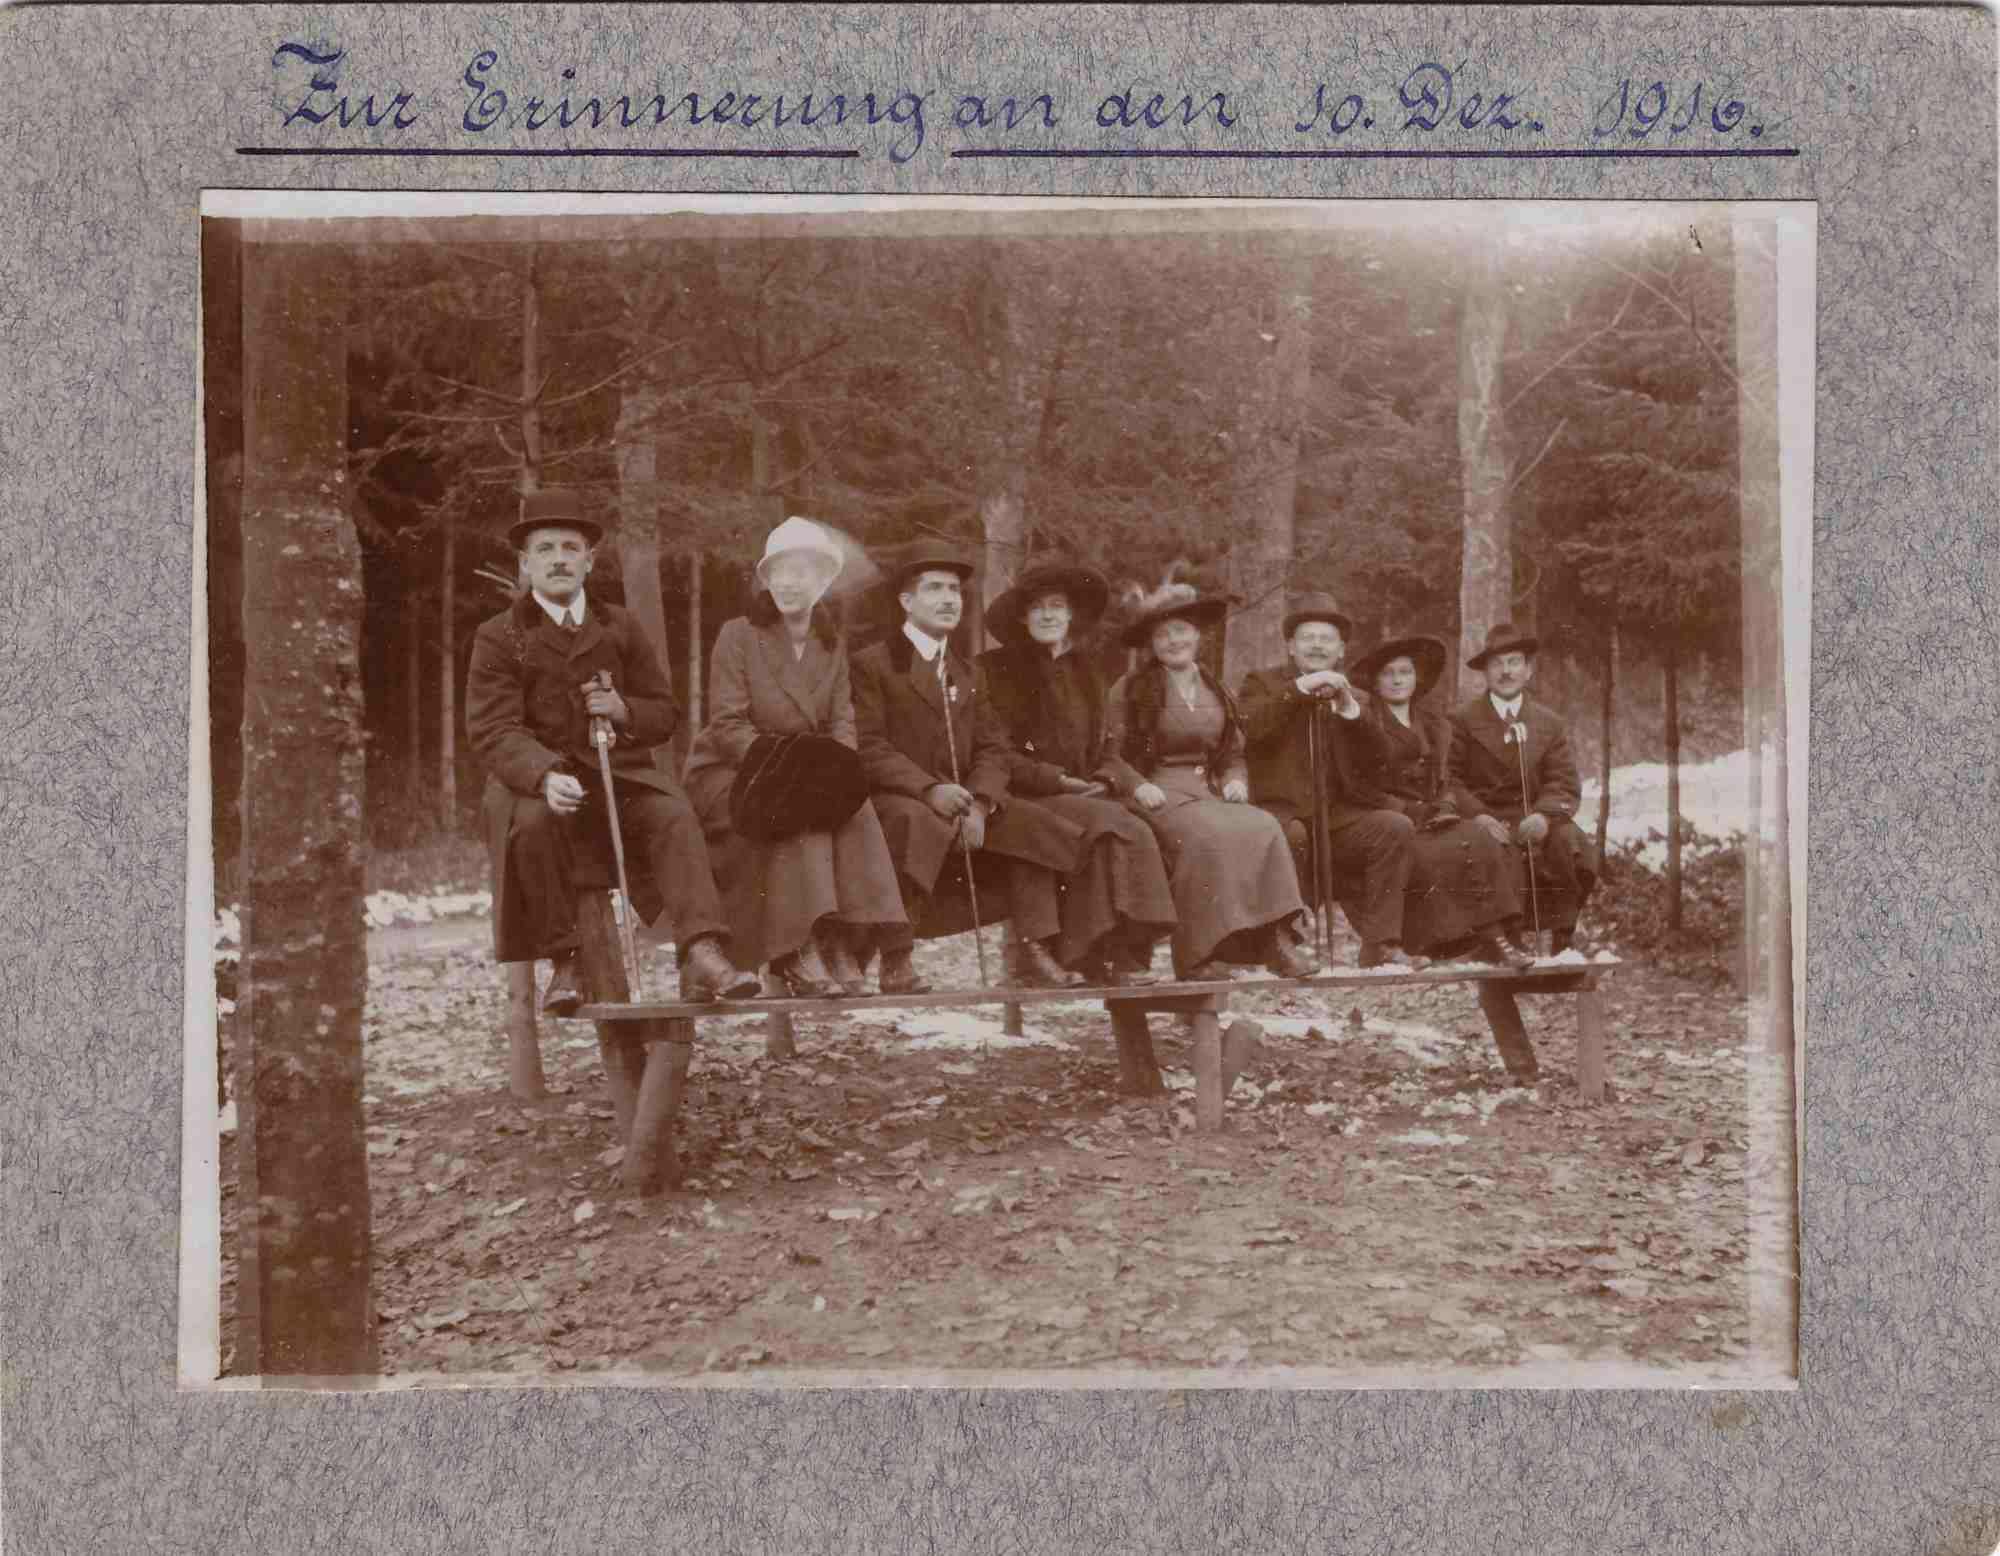 BilD: Gruppenbild aus dem Jahr 1916